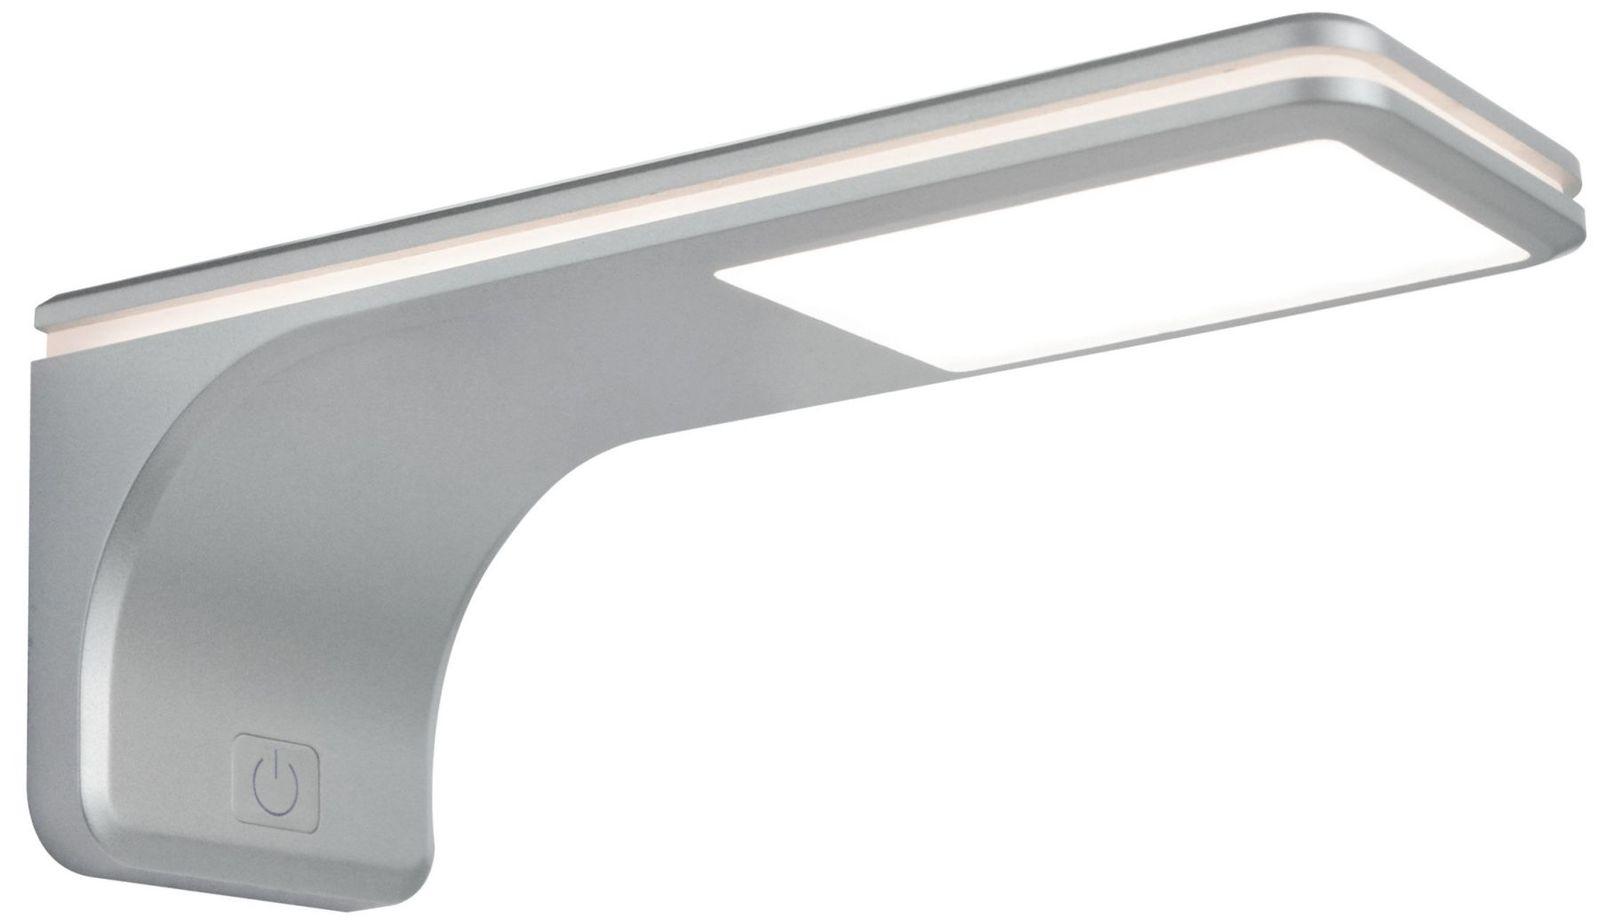 LED Licht Unterbau Küchenleuchte ERLE 3, 5 W Neutralweiss Dimmer ...